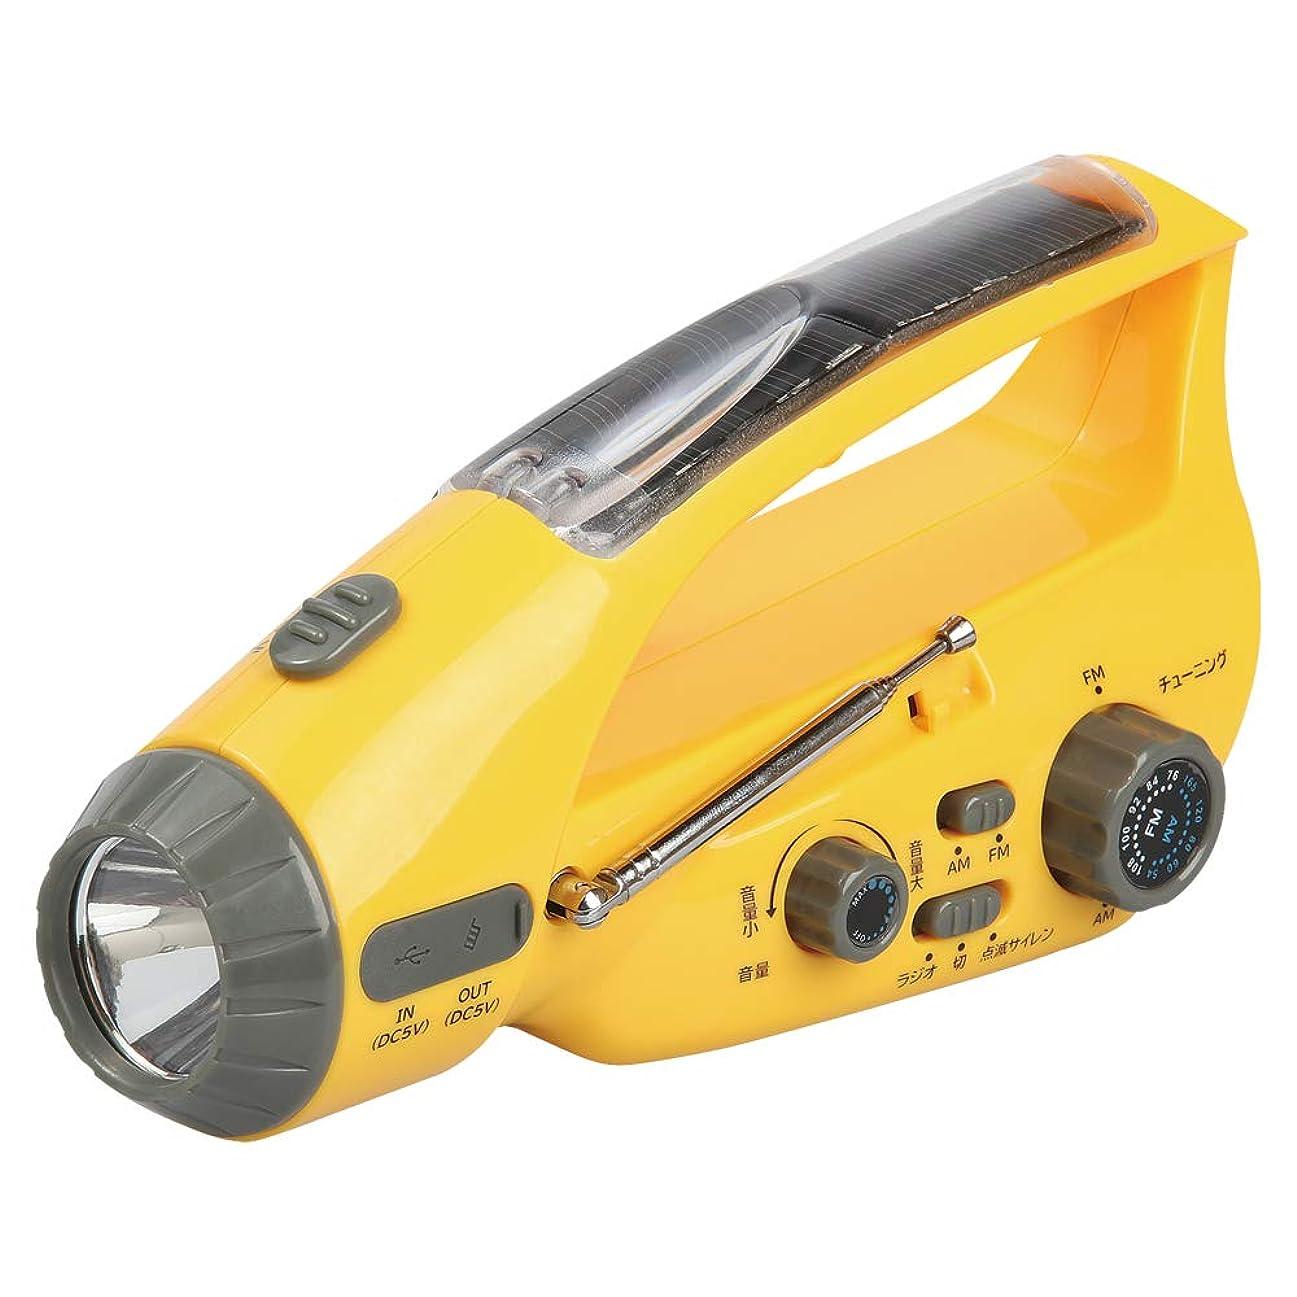 ウイルスくるみ増強[スマホも充電]ソーラー&手回し 多機能ラジオライト《災害時用》